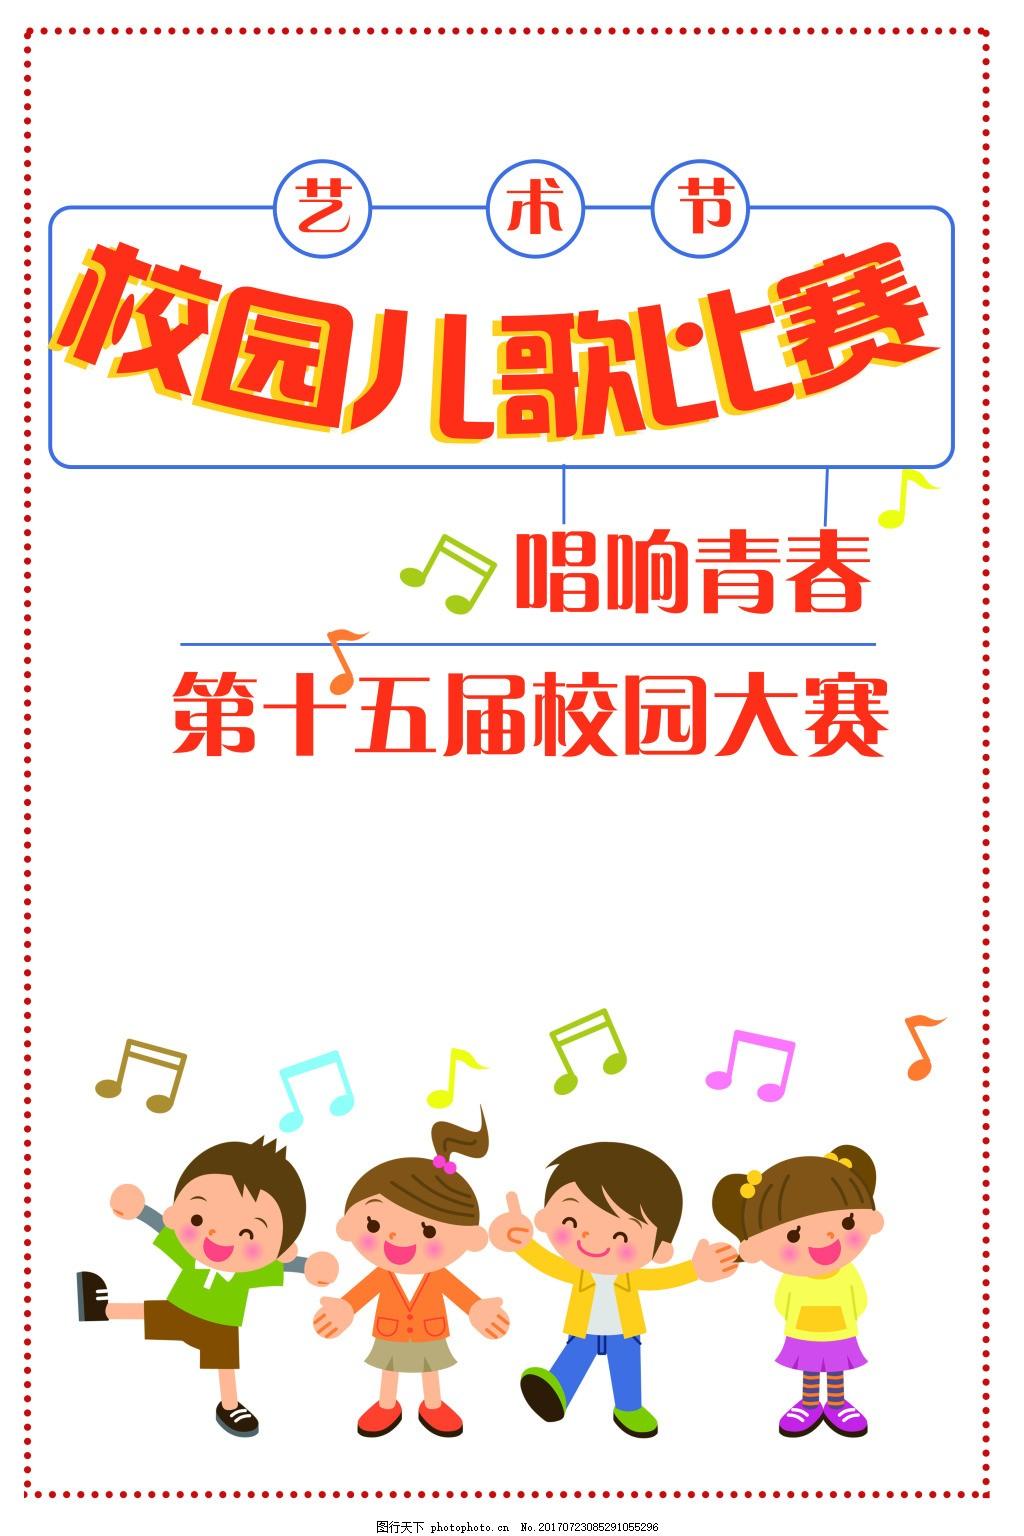 简约少儿卡通教育校园儿歌比赛夏日招生海报